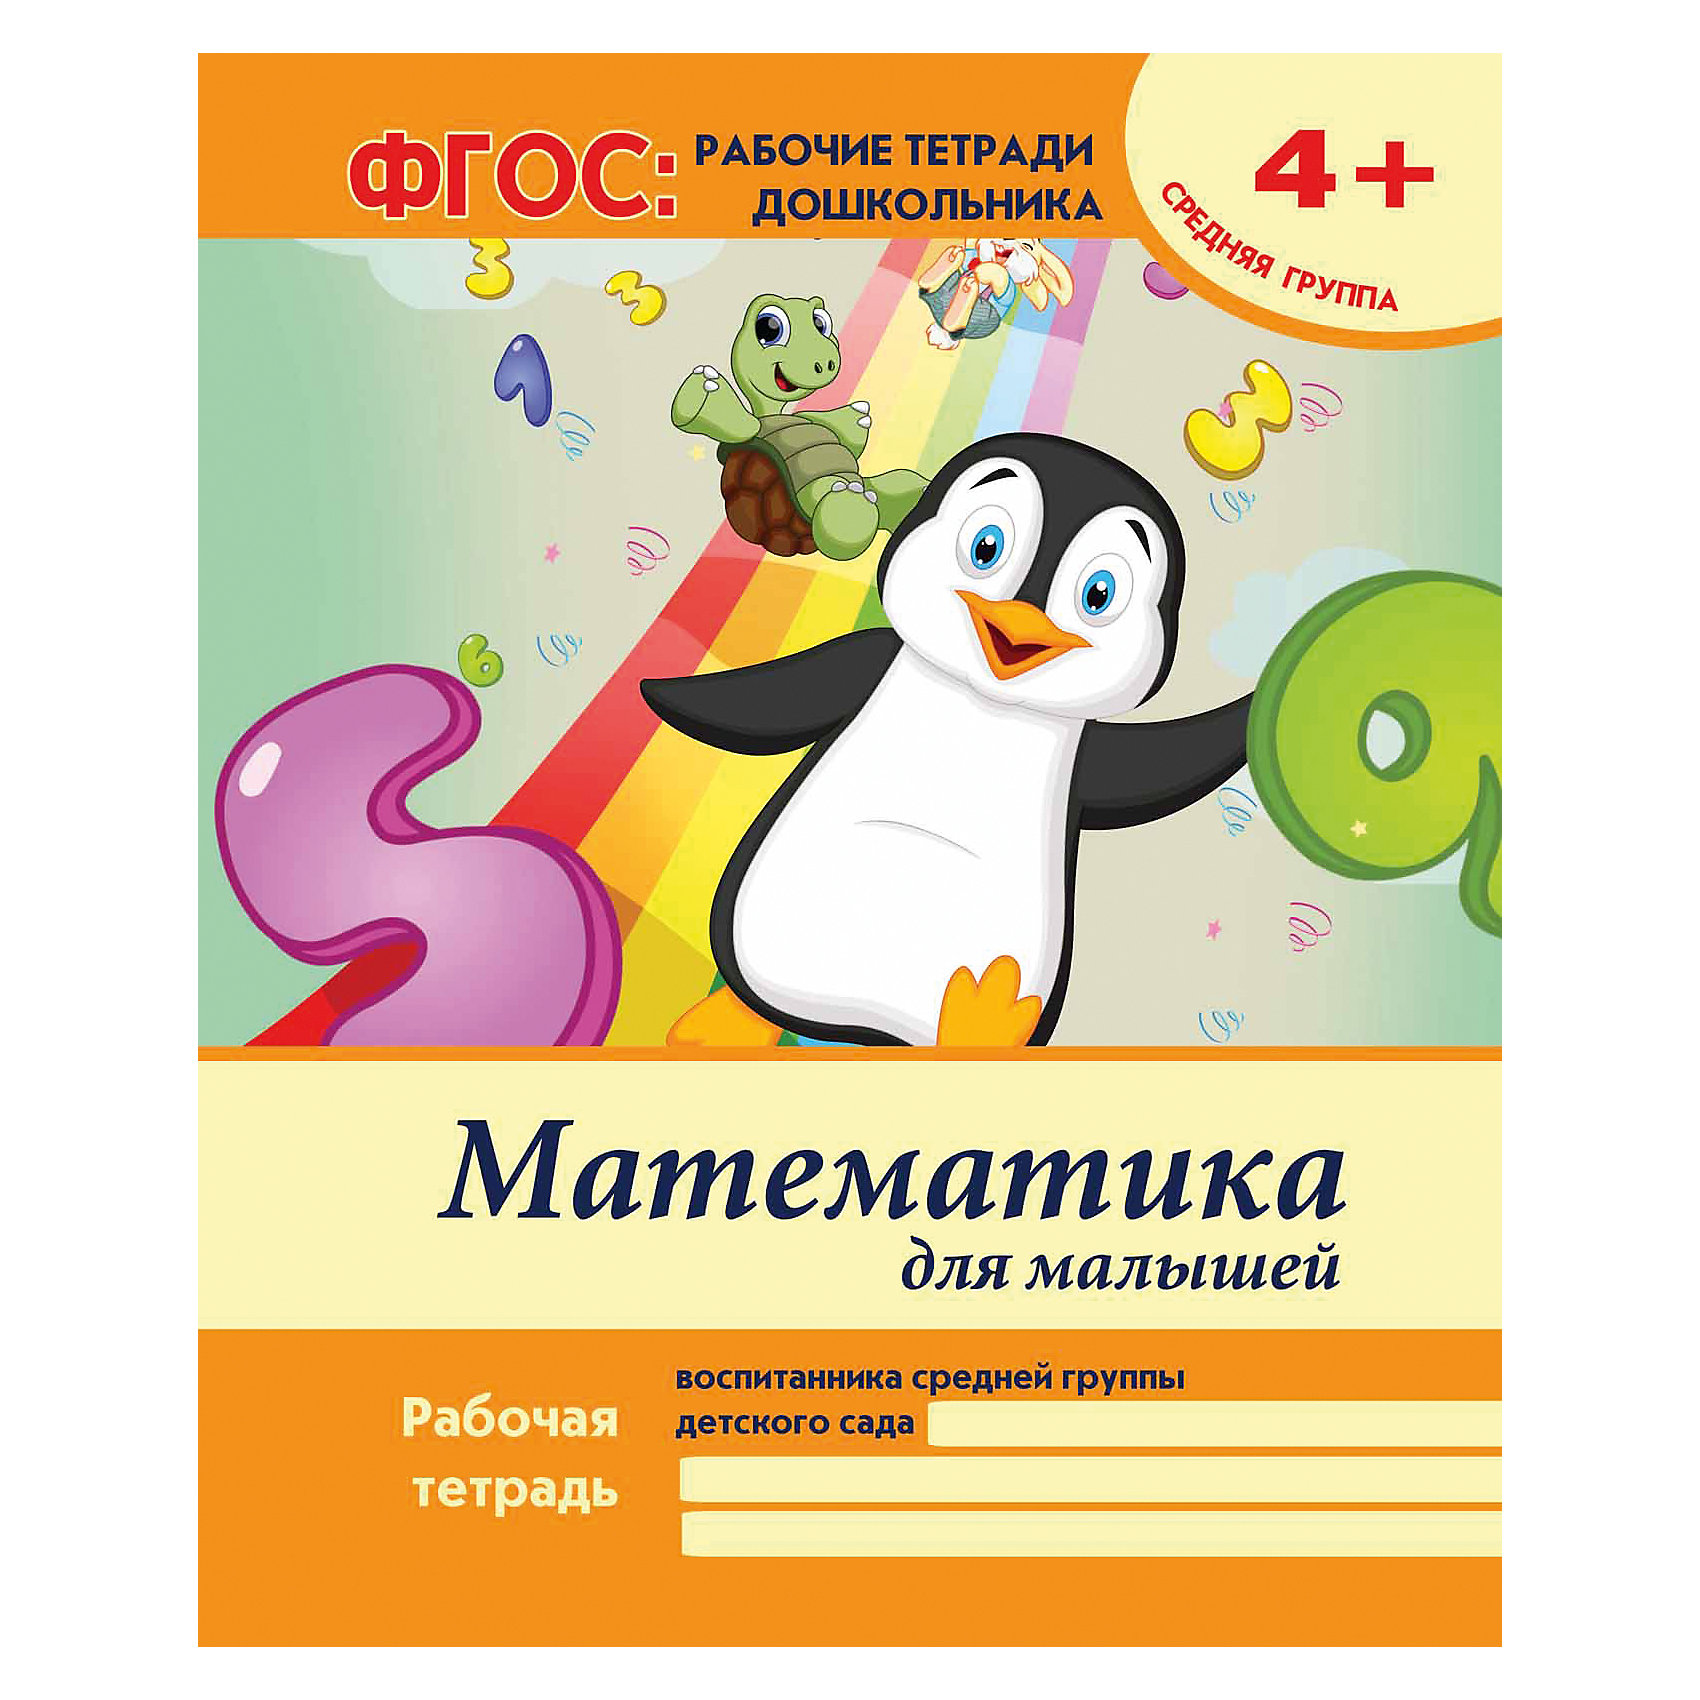 Рабочая тетрадь Математика для малышейОбучение счету<br>Книга Математика для малышей, 3-е издание<br><br>Характеристики: <br><br>• Кол-во страниц: 16<br>• ISBN: 9785222287491<br>• Возраст: 0+<br>• Обложка: мягкая<br>• Формат: а4<br><br>Эта книга сможет вызвать у детей интерес к основан математической науки и представить ее в увлекательном ключе. Работая по этой книге ребенок сможет выучить цифры, научиться соотносить их с количеством предметов и решать простые примеры. Очень важно использовать ее в паре с ребенком и помогать ему в процессе усвоения элементарных знаний, направляя и проверяя верность выполнения заданий.<br><br>Книга Математика для малышей, 3-е издание можно купить в нашем интернет-магазине.<br><br>Ширина мм: 260<br>Глубина мм: 200<br>Высота мм: 20<br>Вес г: 60<br>Возраст от месяцев: -2147483648<br>Возраст до месяцев: 2147483647<br>Пол: Унисекс<br>Возраст: Детский<br>SKU: 5464510